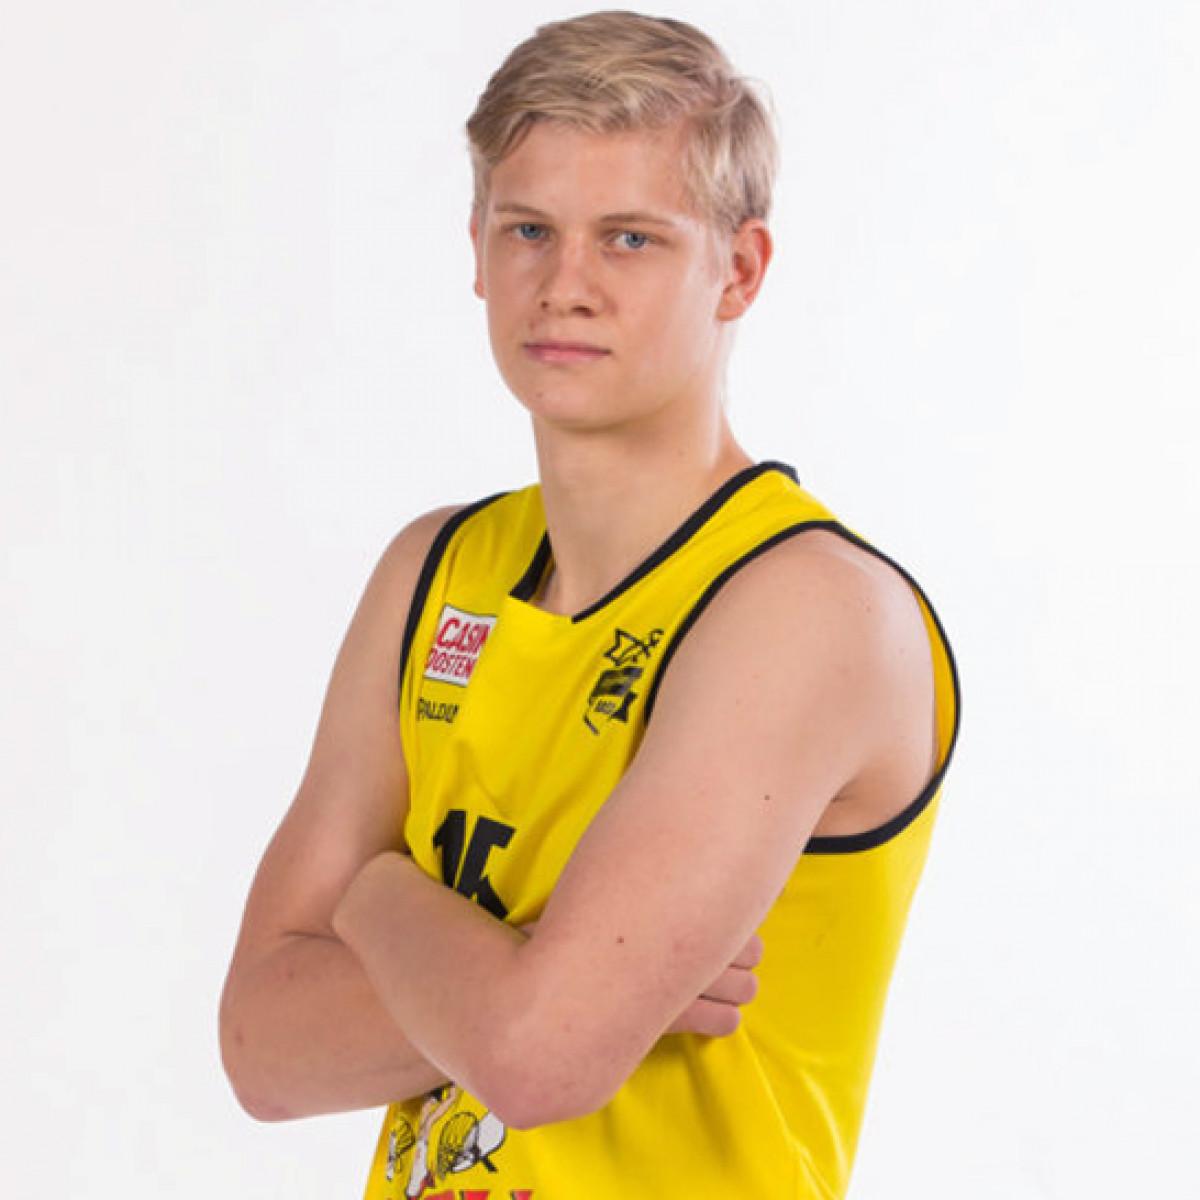 Photo of Keye Van Der Vuurst, 2018-2019 season